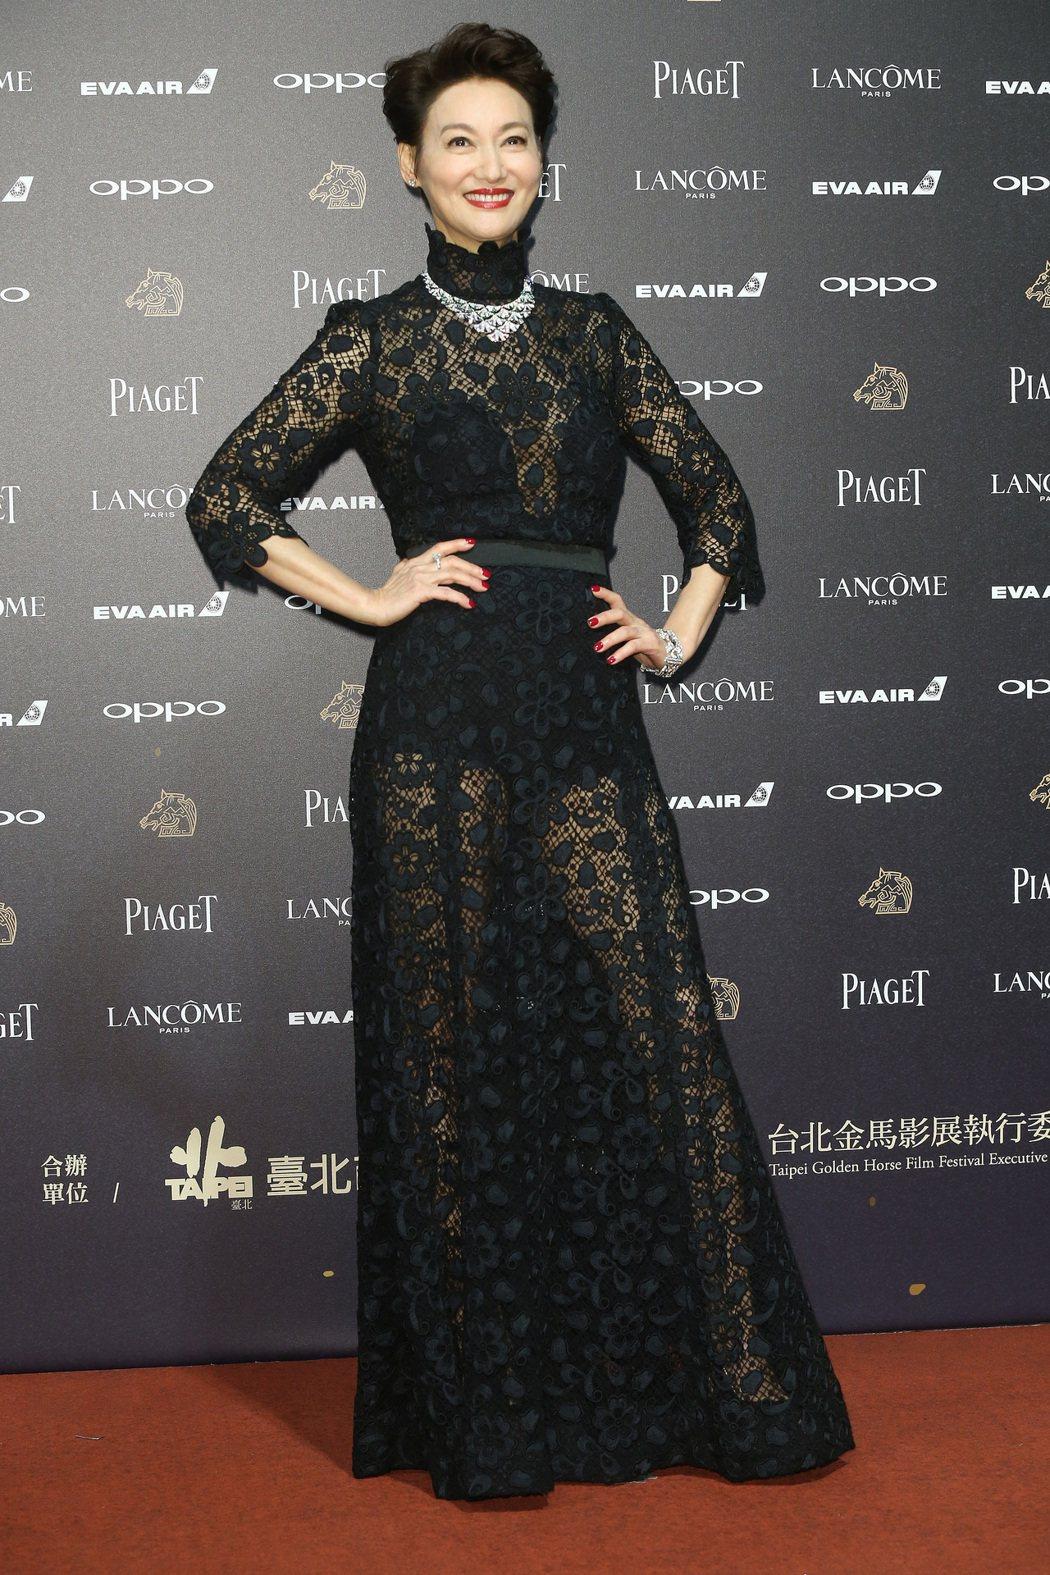 入圍第五十四屆金馬獎最佳女主角獎的惠英紅走紅毯。記者林俊良/攝影